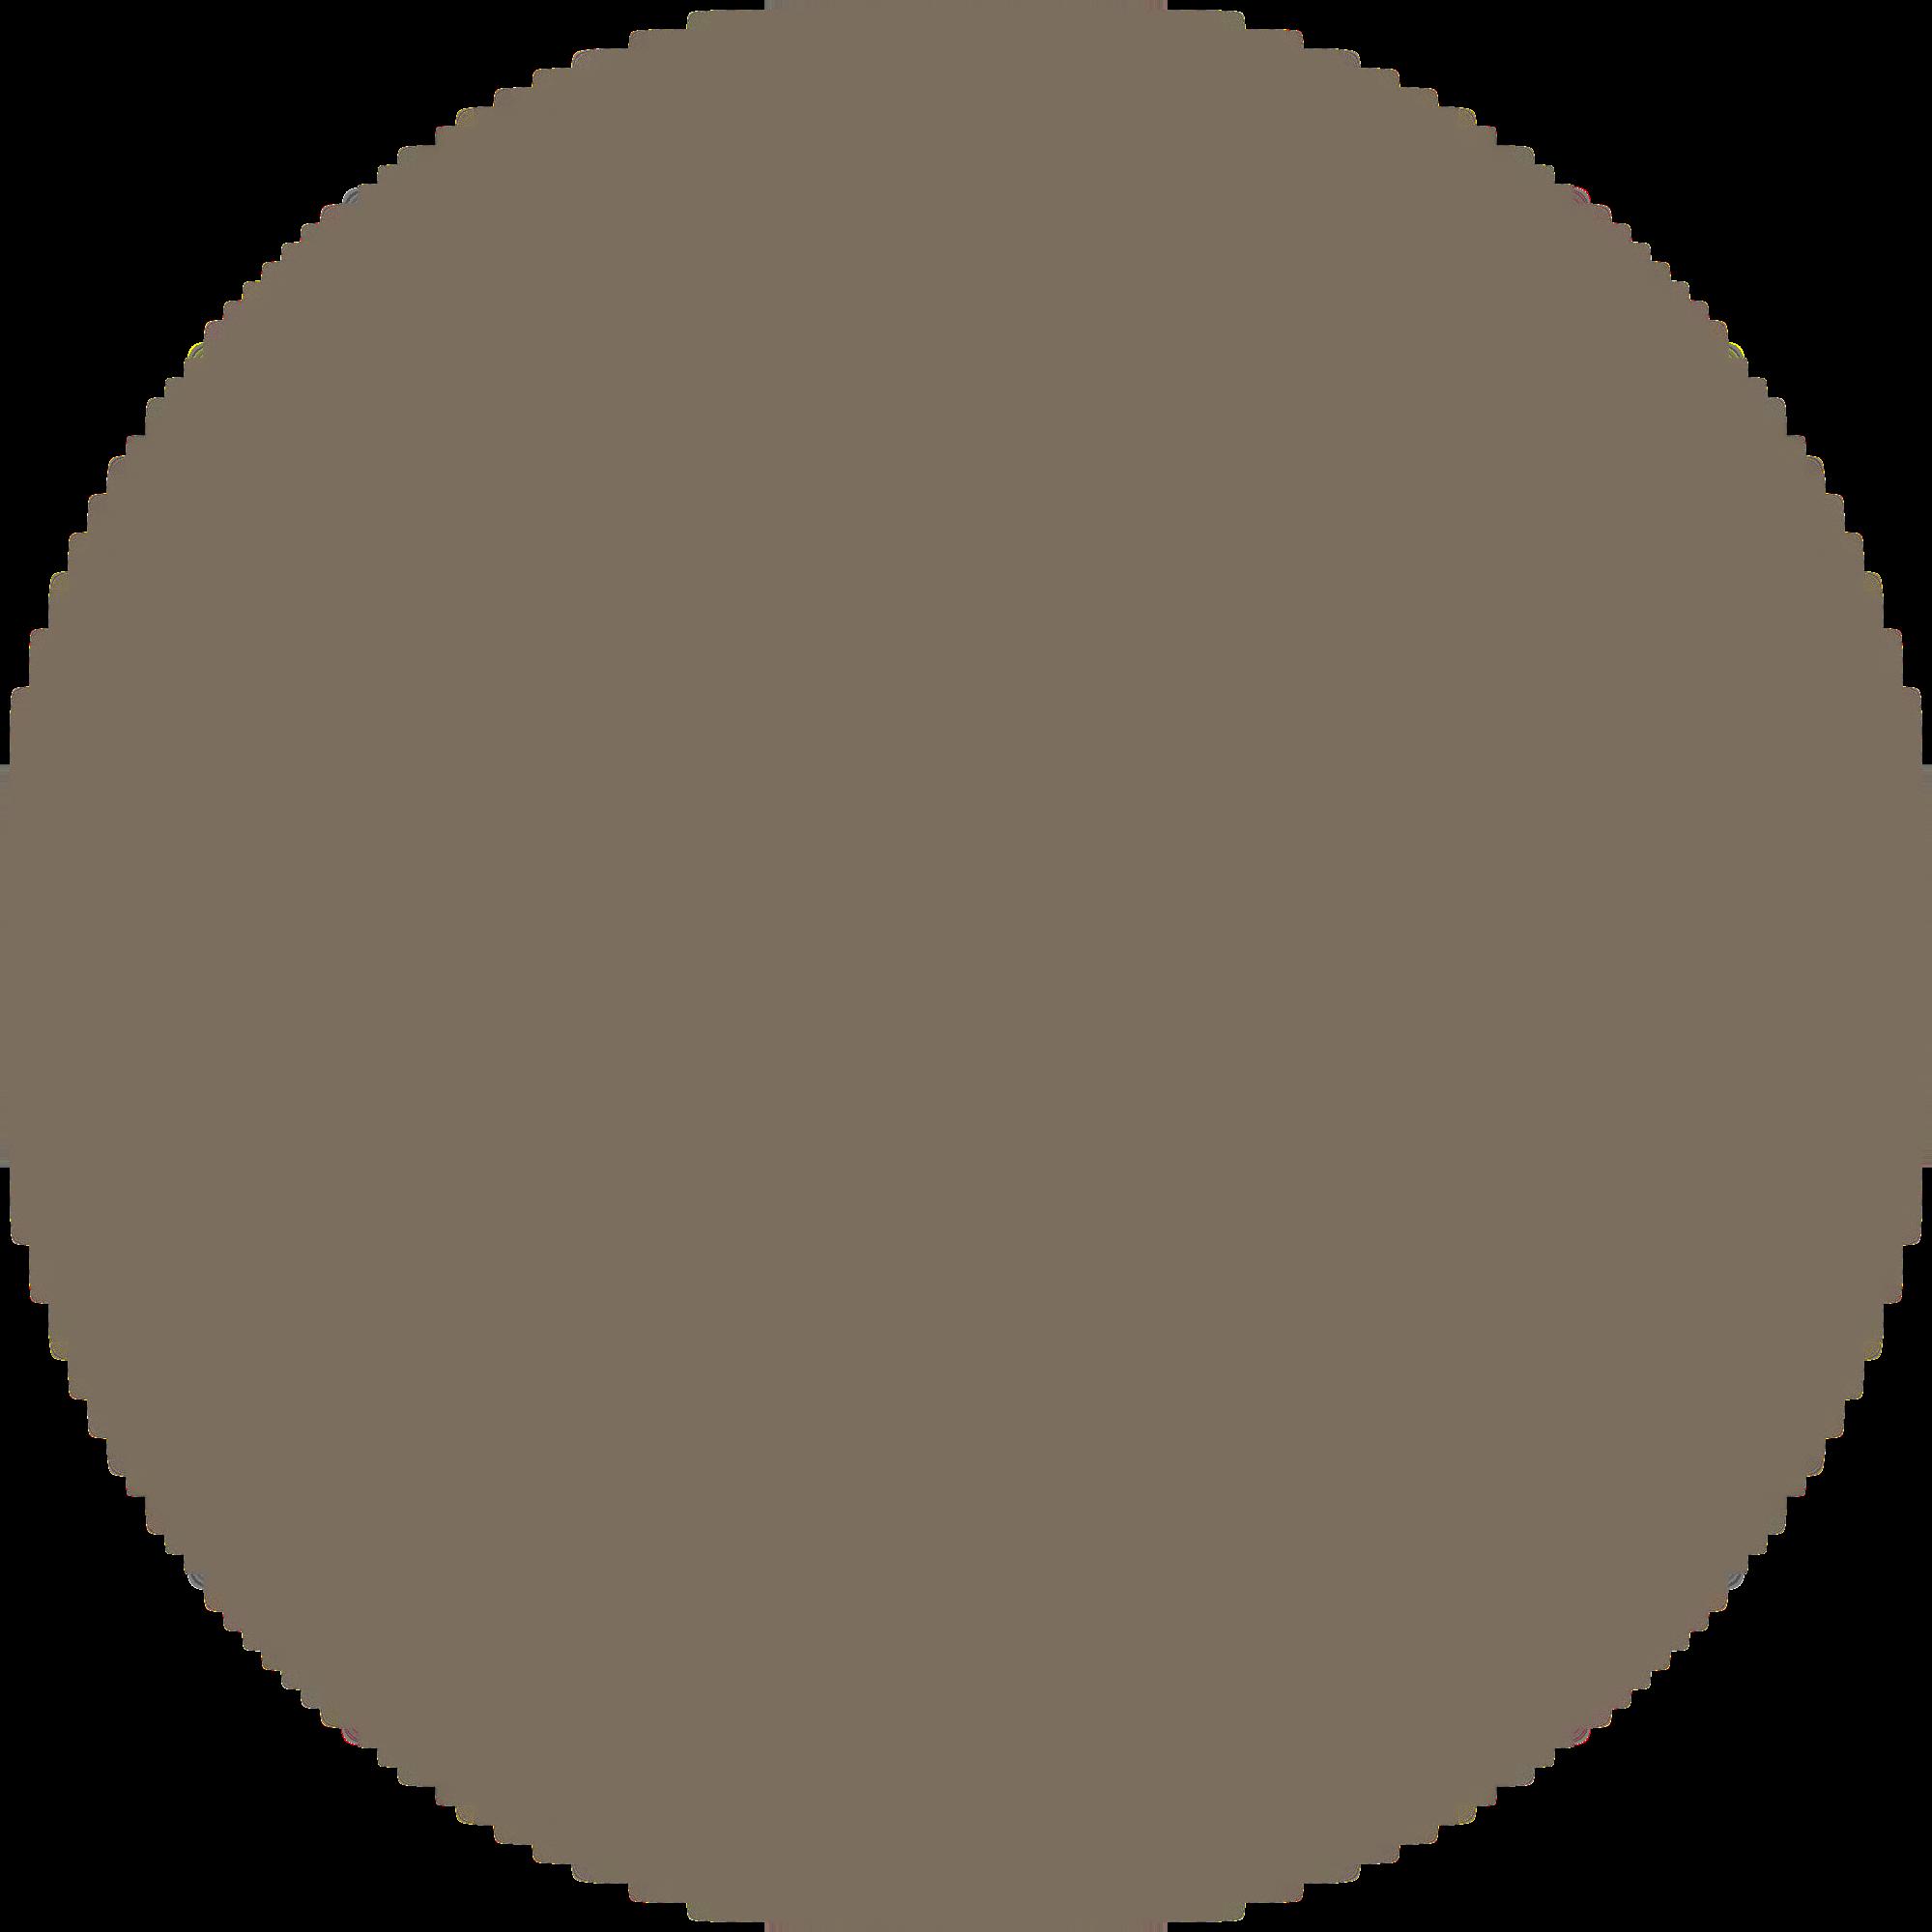 프로젝트프로덕트 - AU24 CMBG